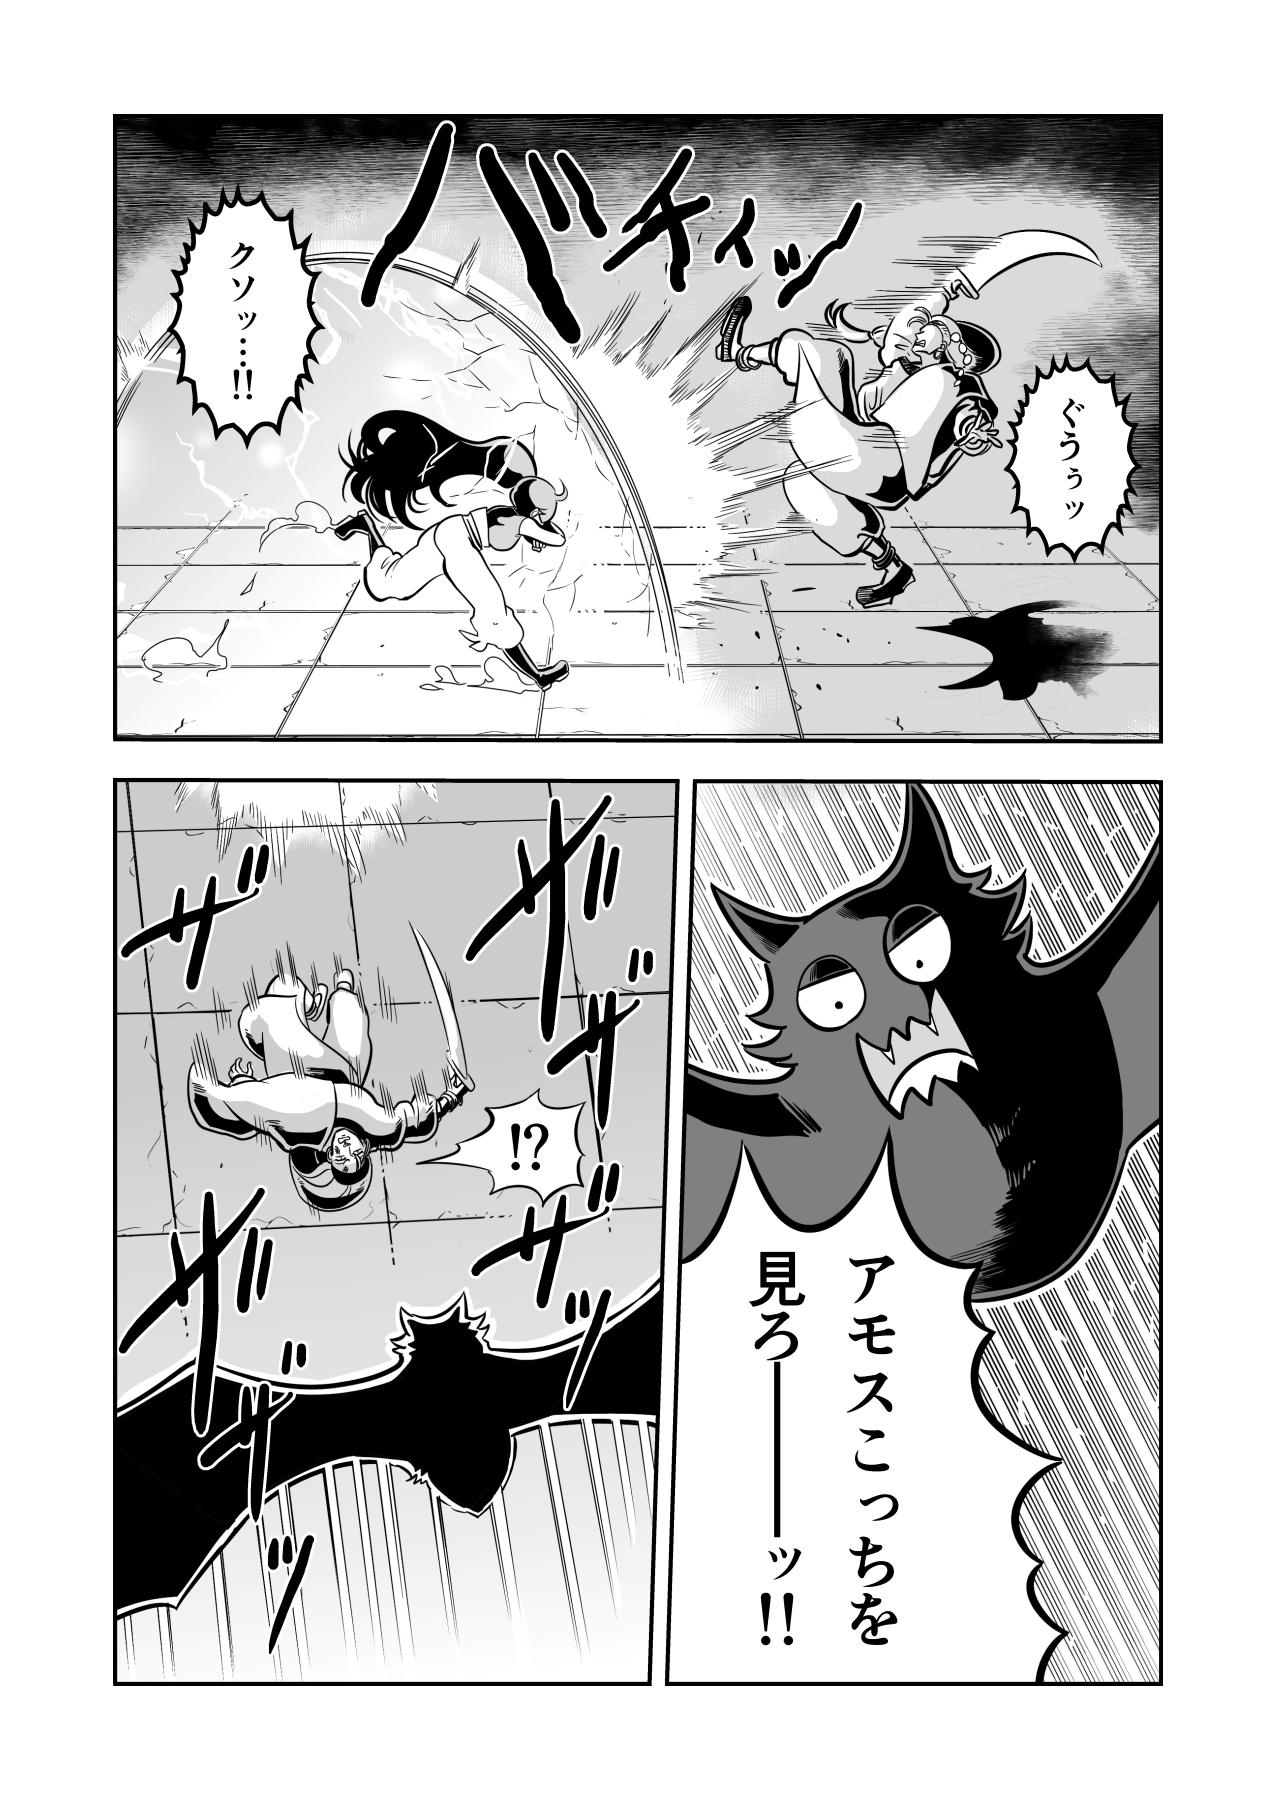 ヤサグレ魔女と第1王子と吸血鬼⑬ (9)-min